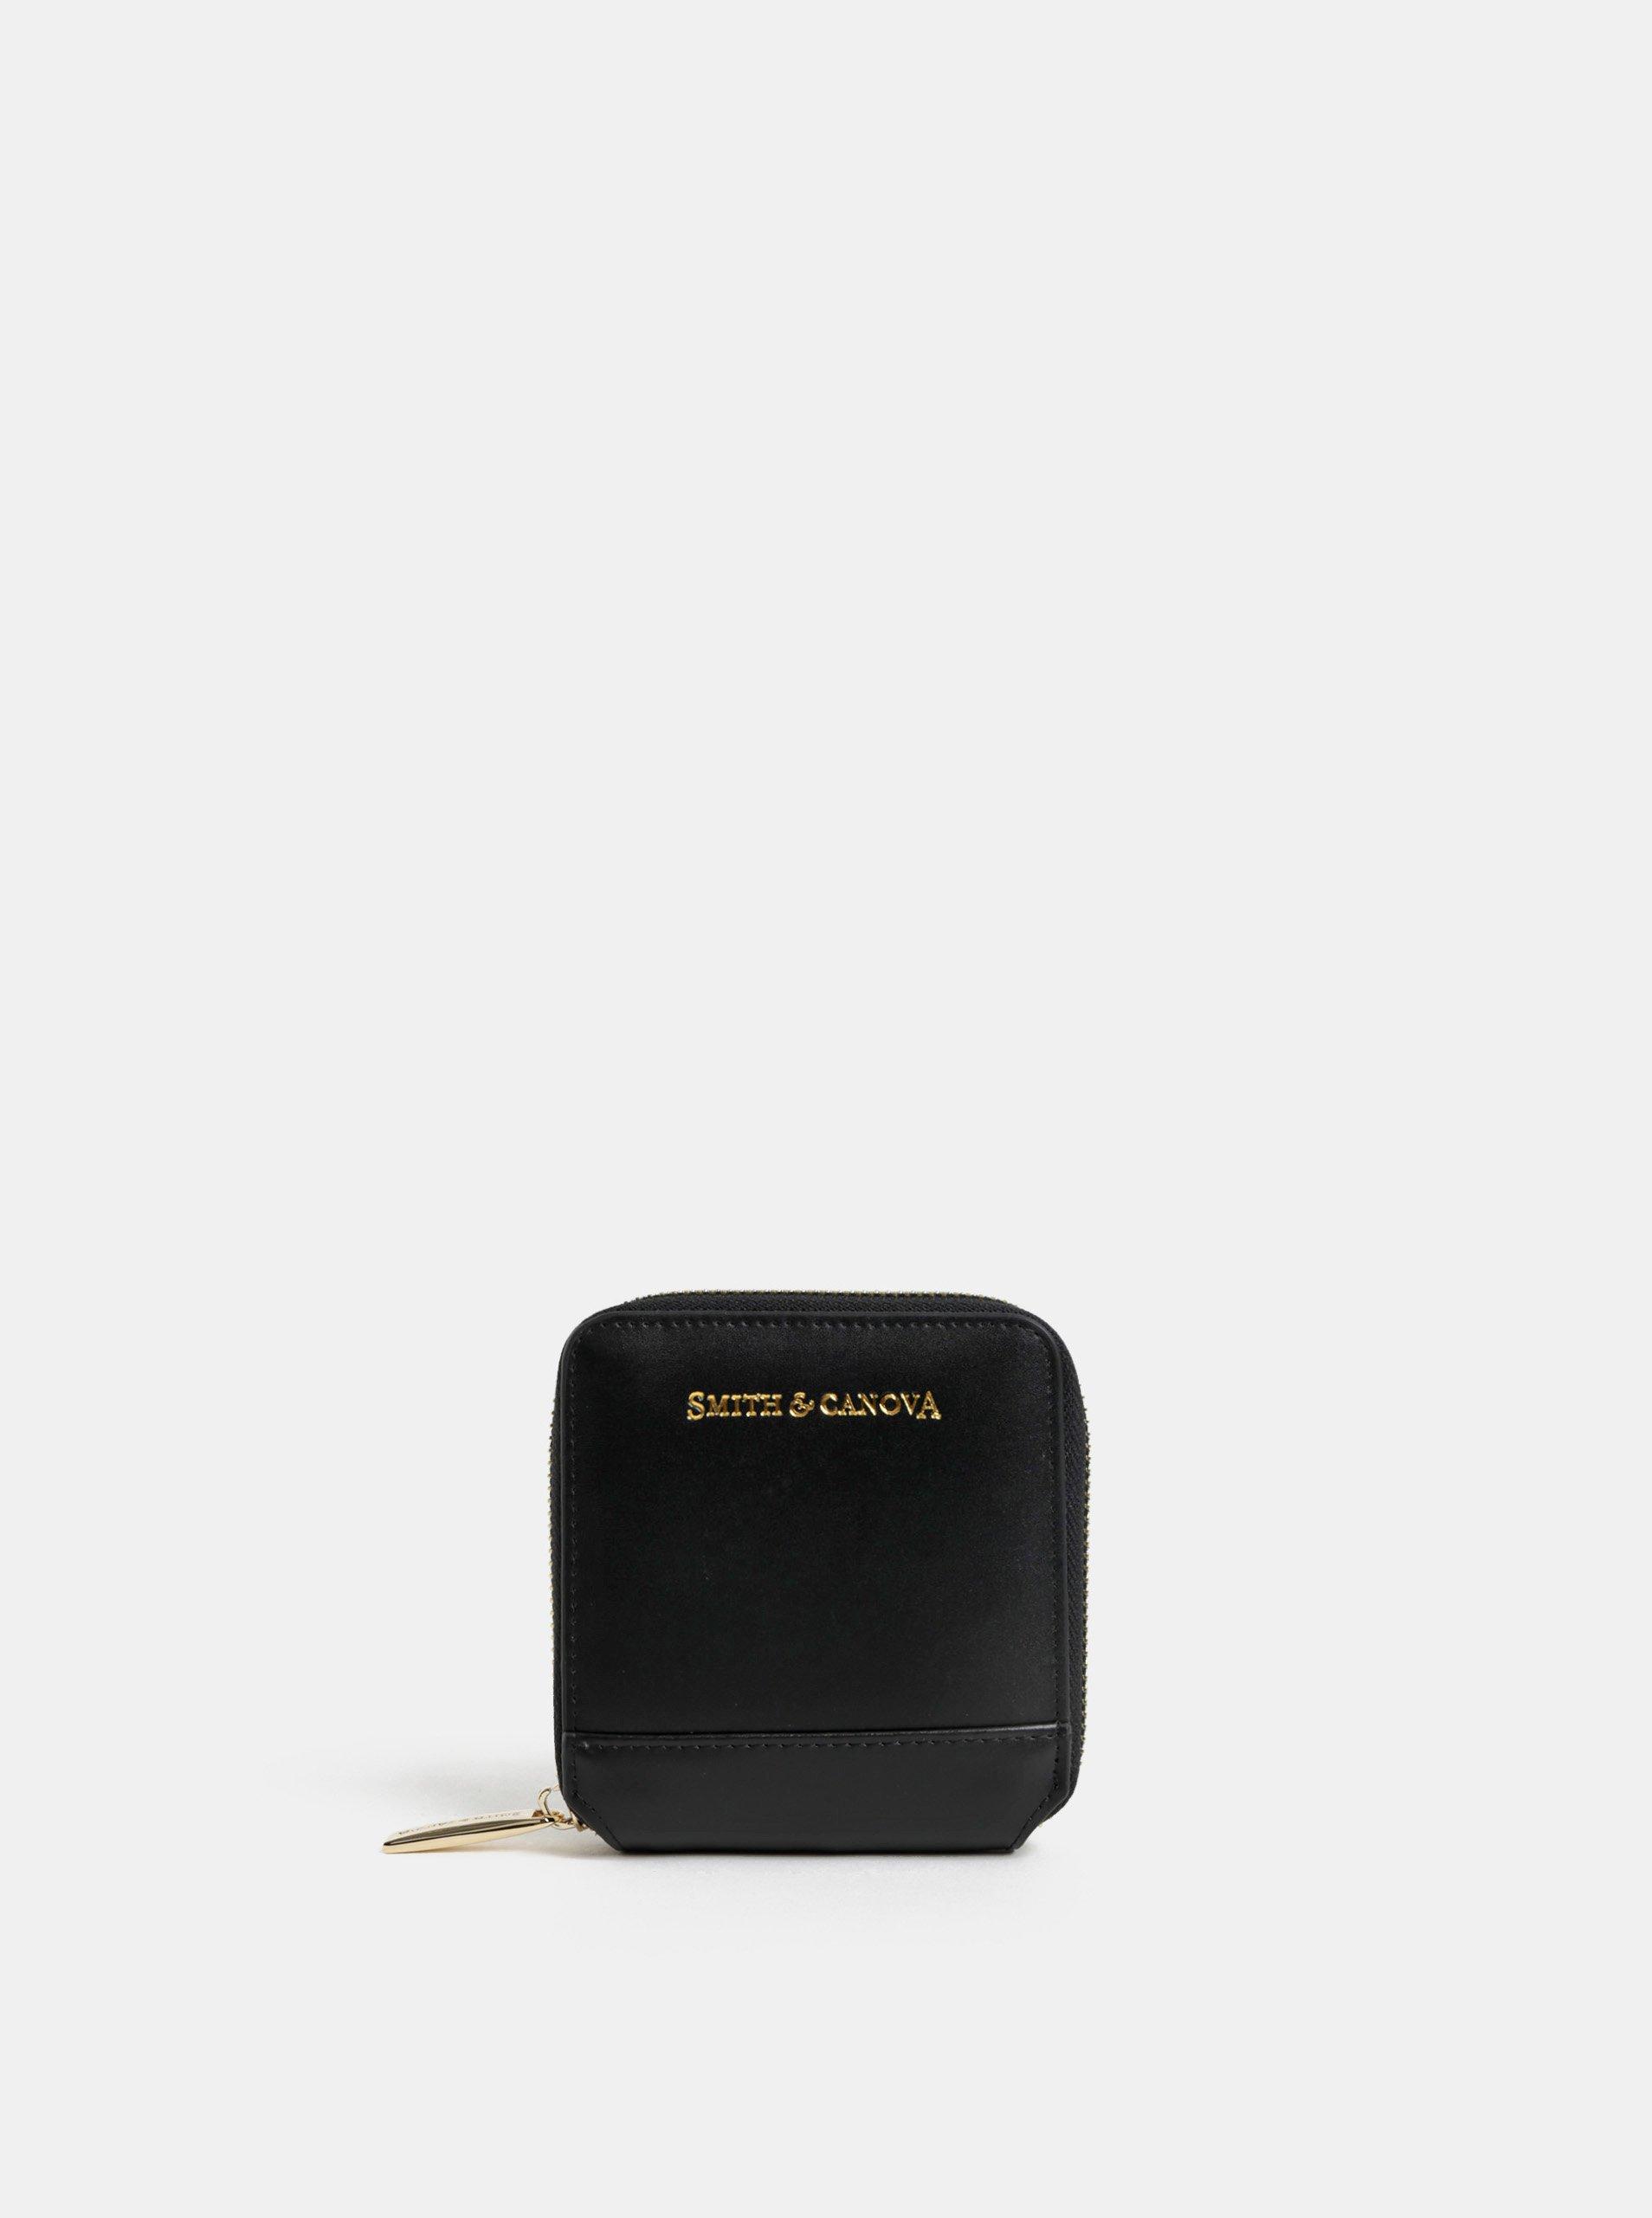 Čierna kožená malá peňaženka Smith & Canova